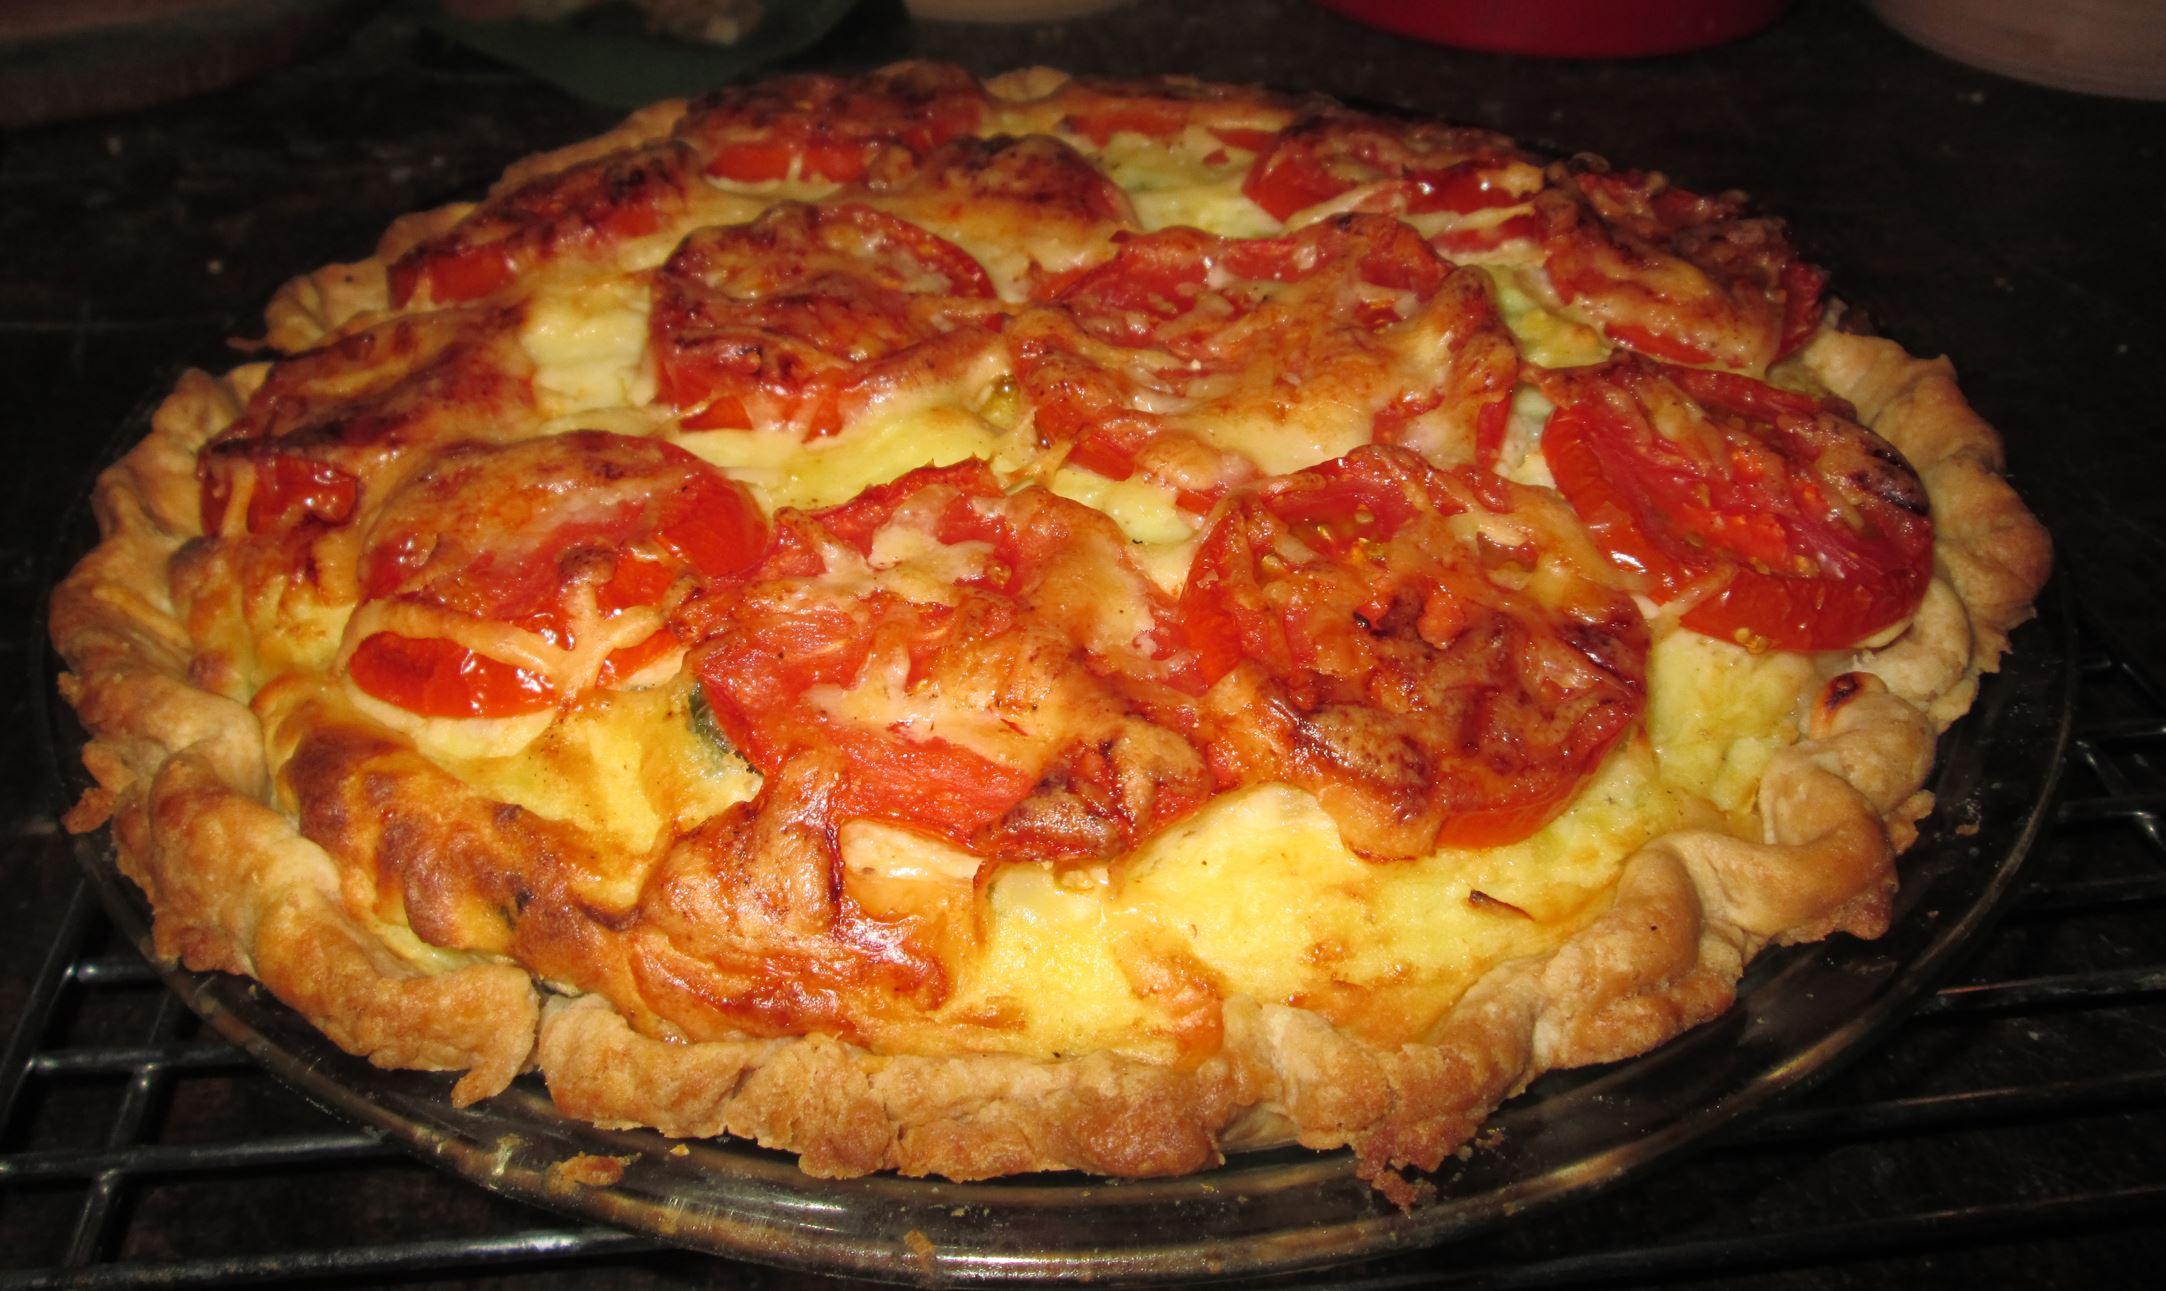 20140619hoPotatoPiefood-1 Mashed Potato Pie.